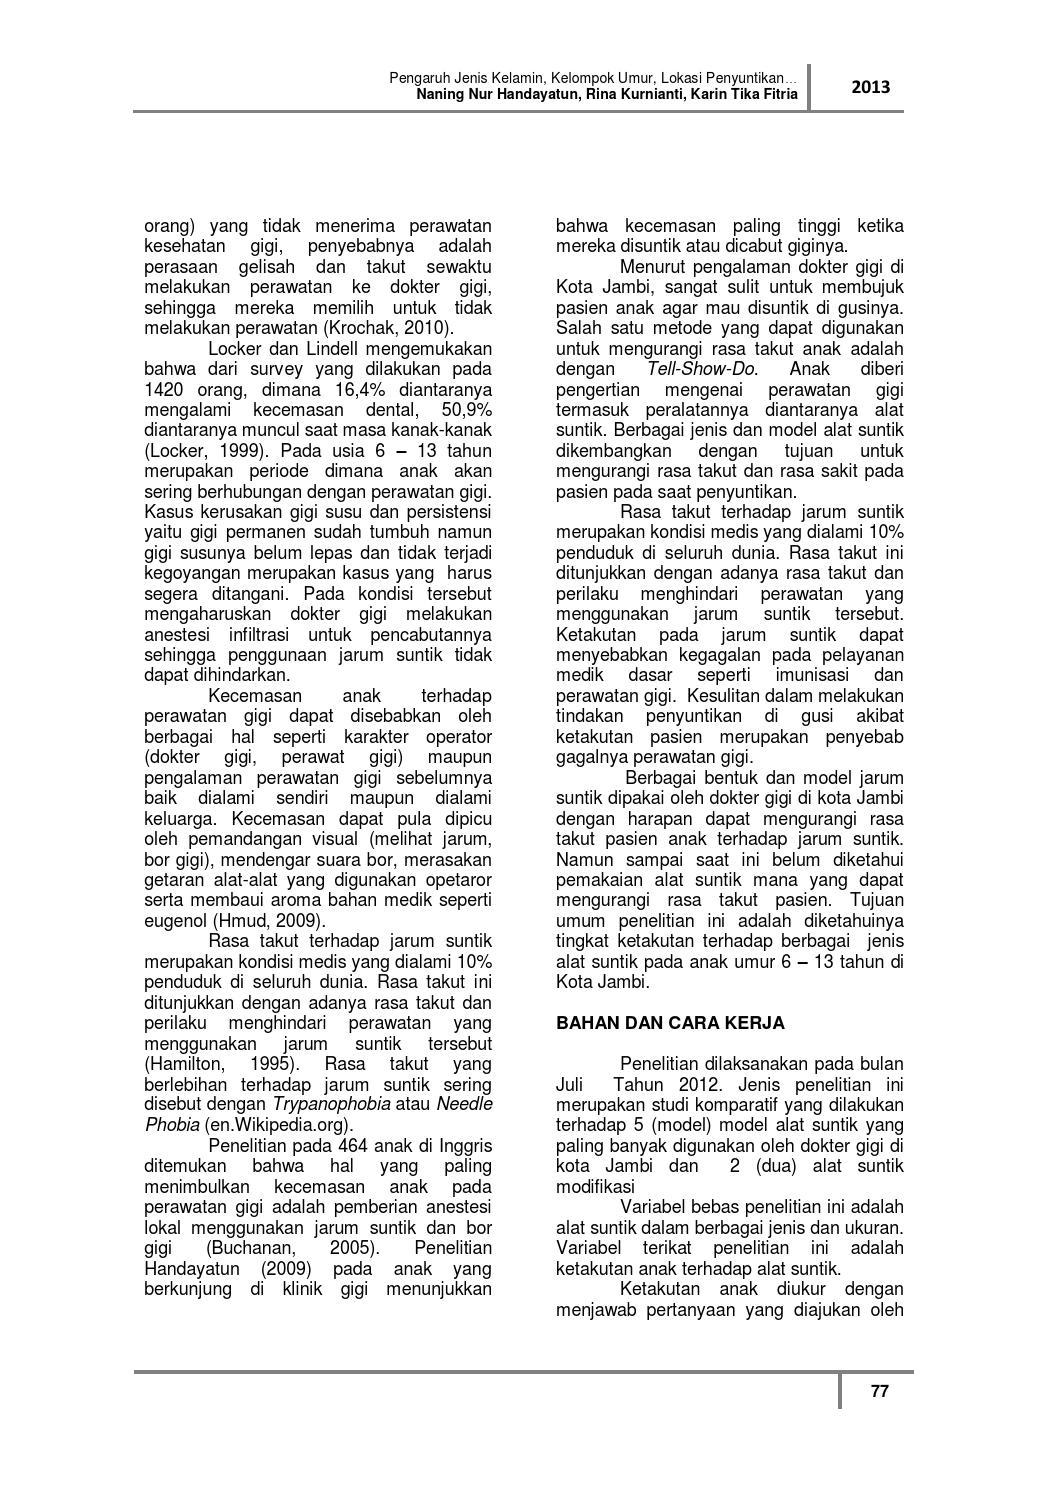 Jurnal Poltekkes Jambi Vol 8 By Jurnal Poltekkes Jambi Issuu